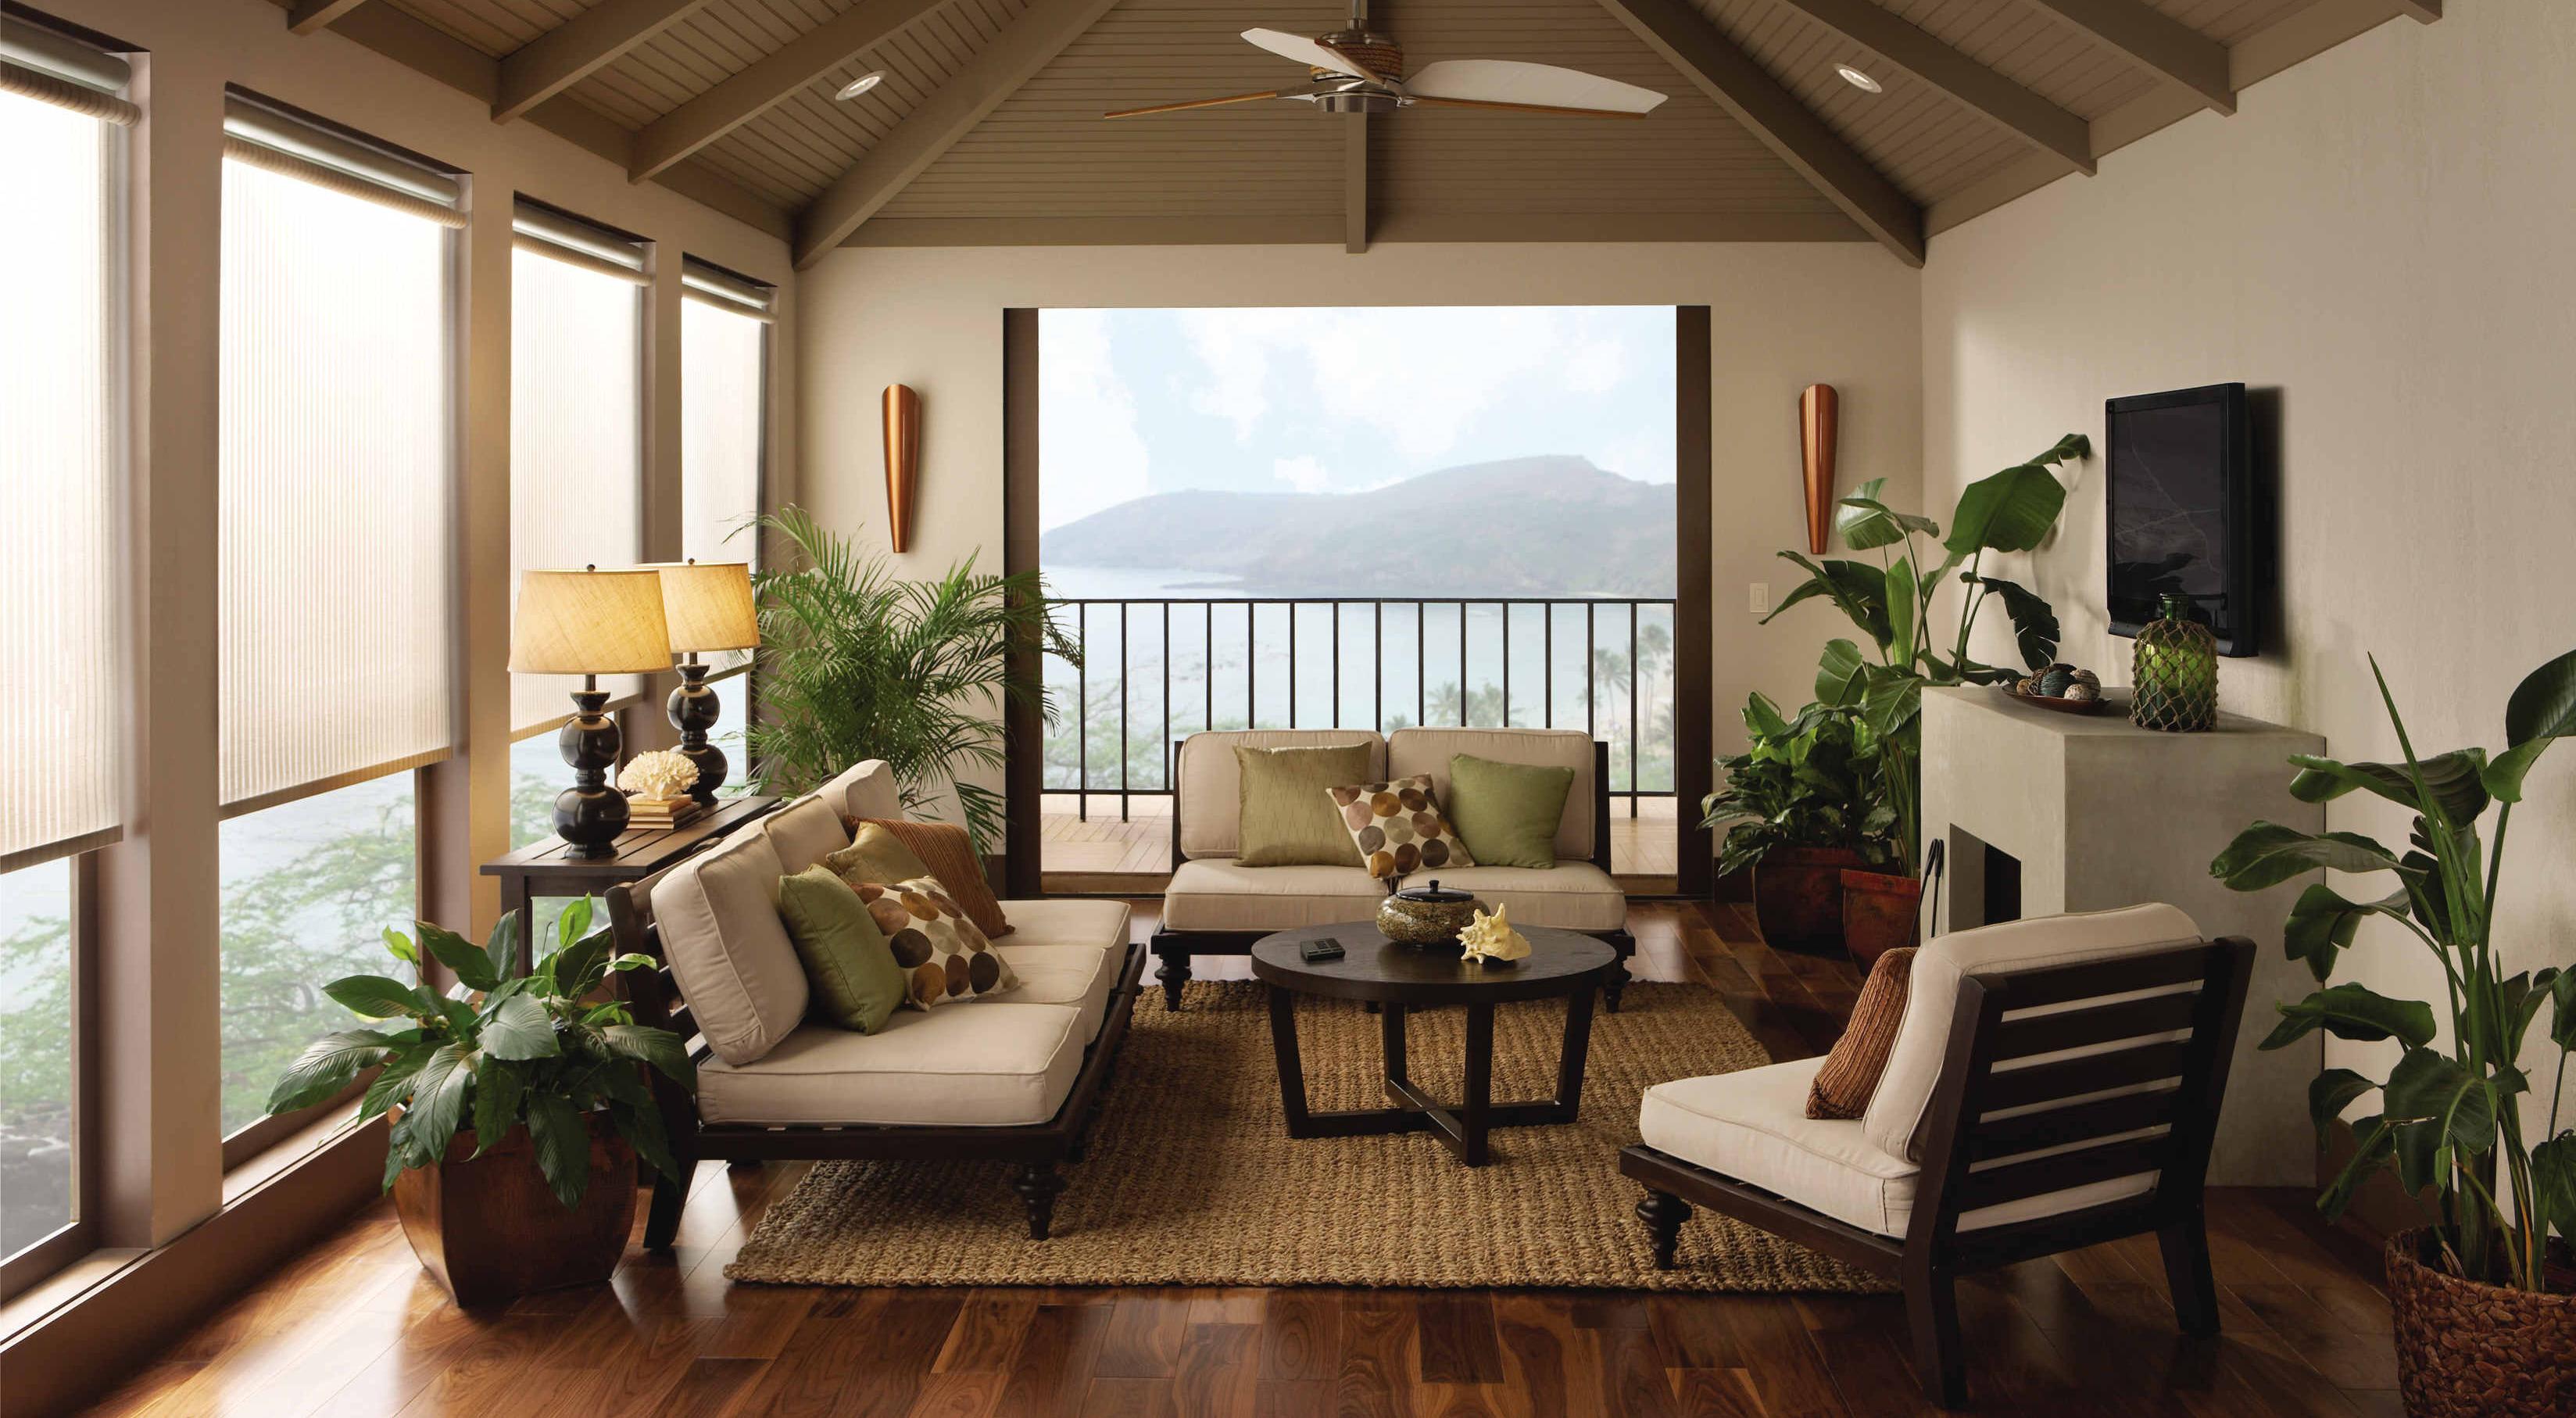 The interior of the porch of a country house wallpapers - Casas de campo interiores ...